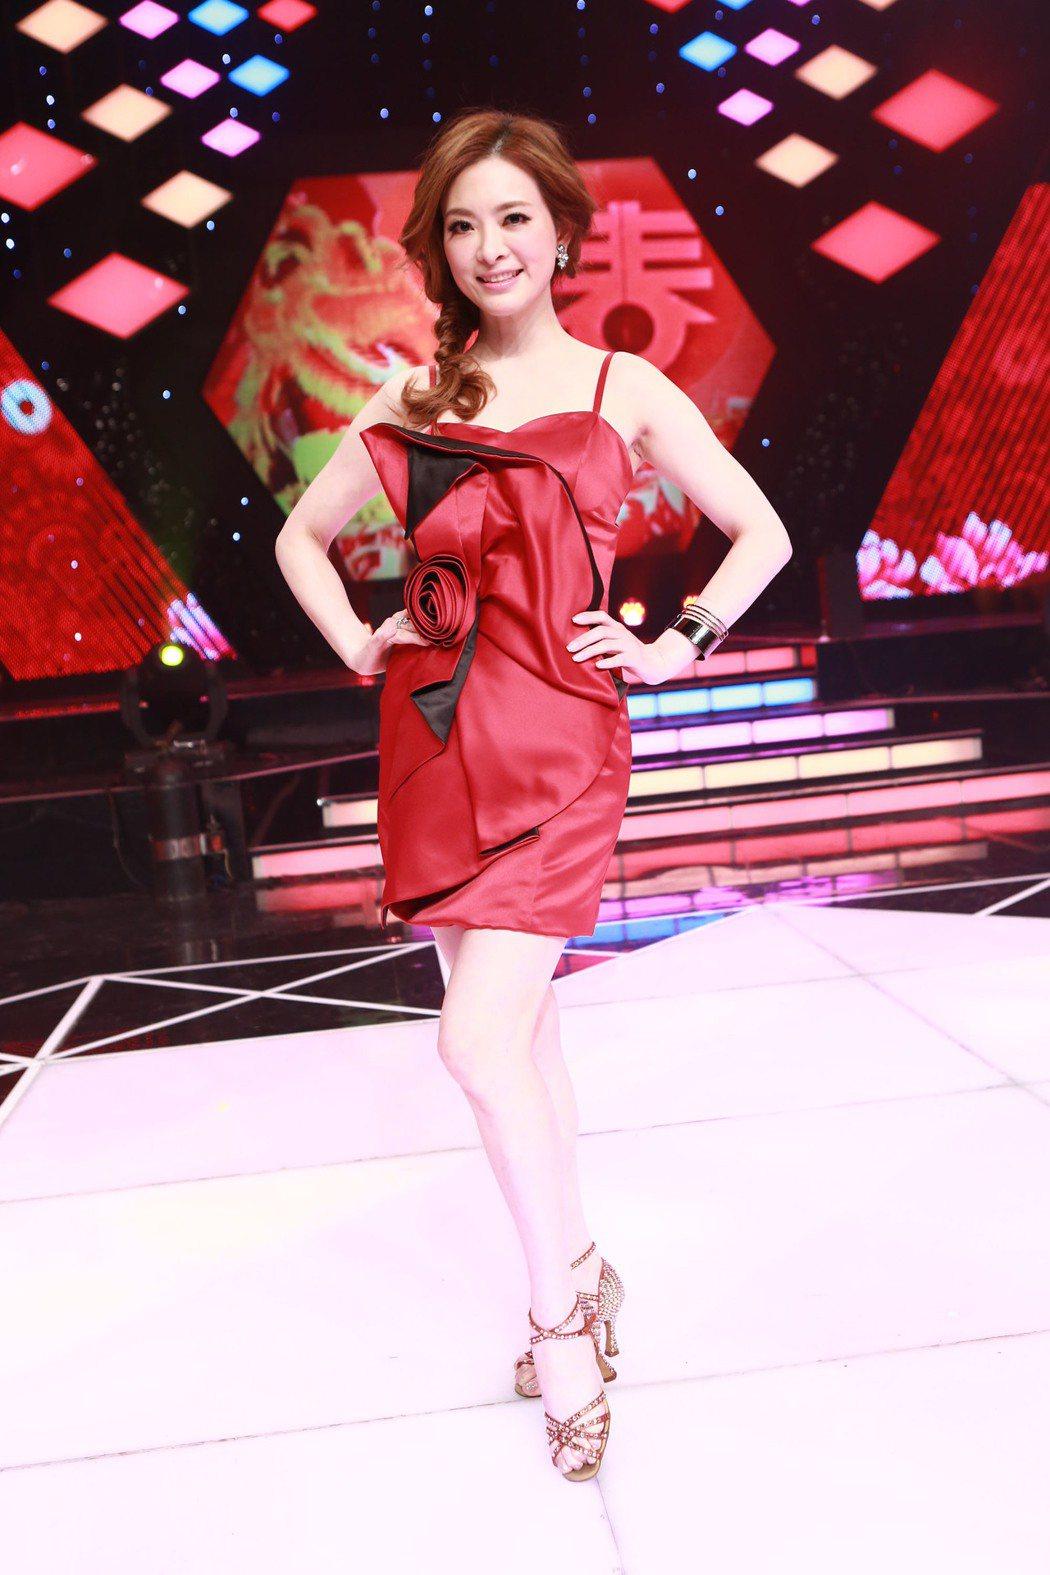 劉真曾長期在「舞力全開」裡表演,如今節目將內容剪成回顧特輯。圖/民視提供